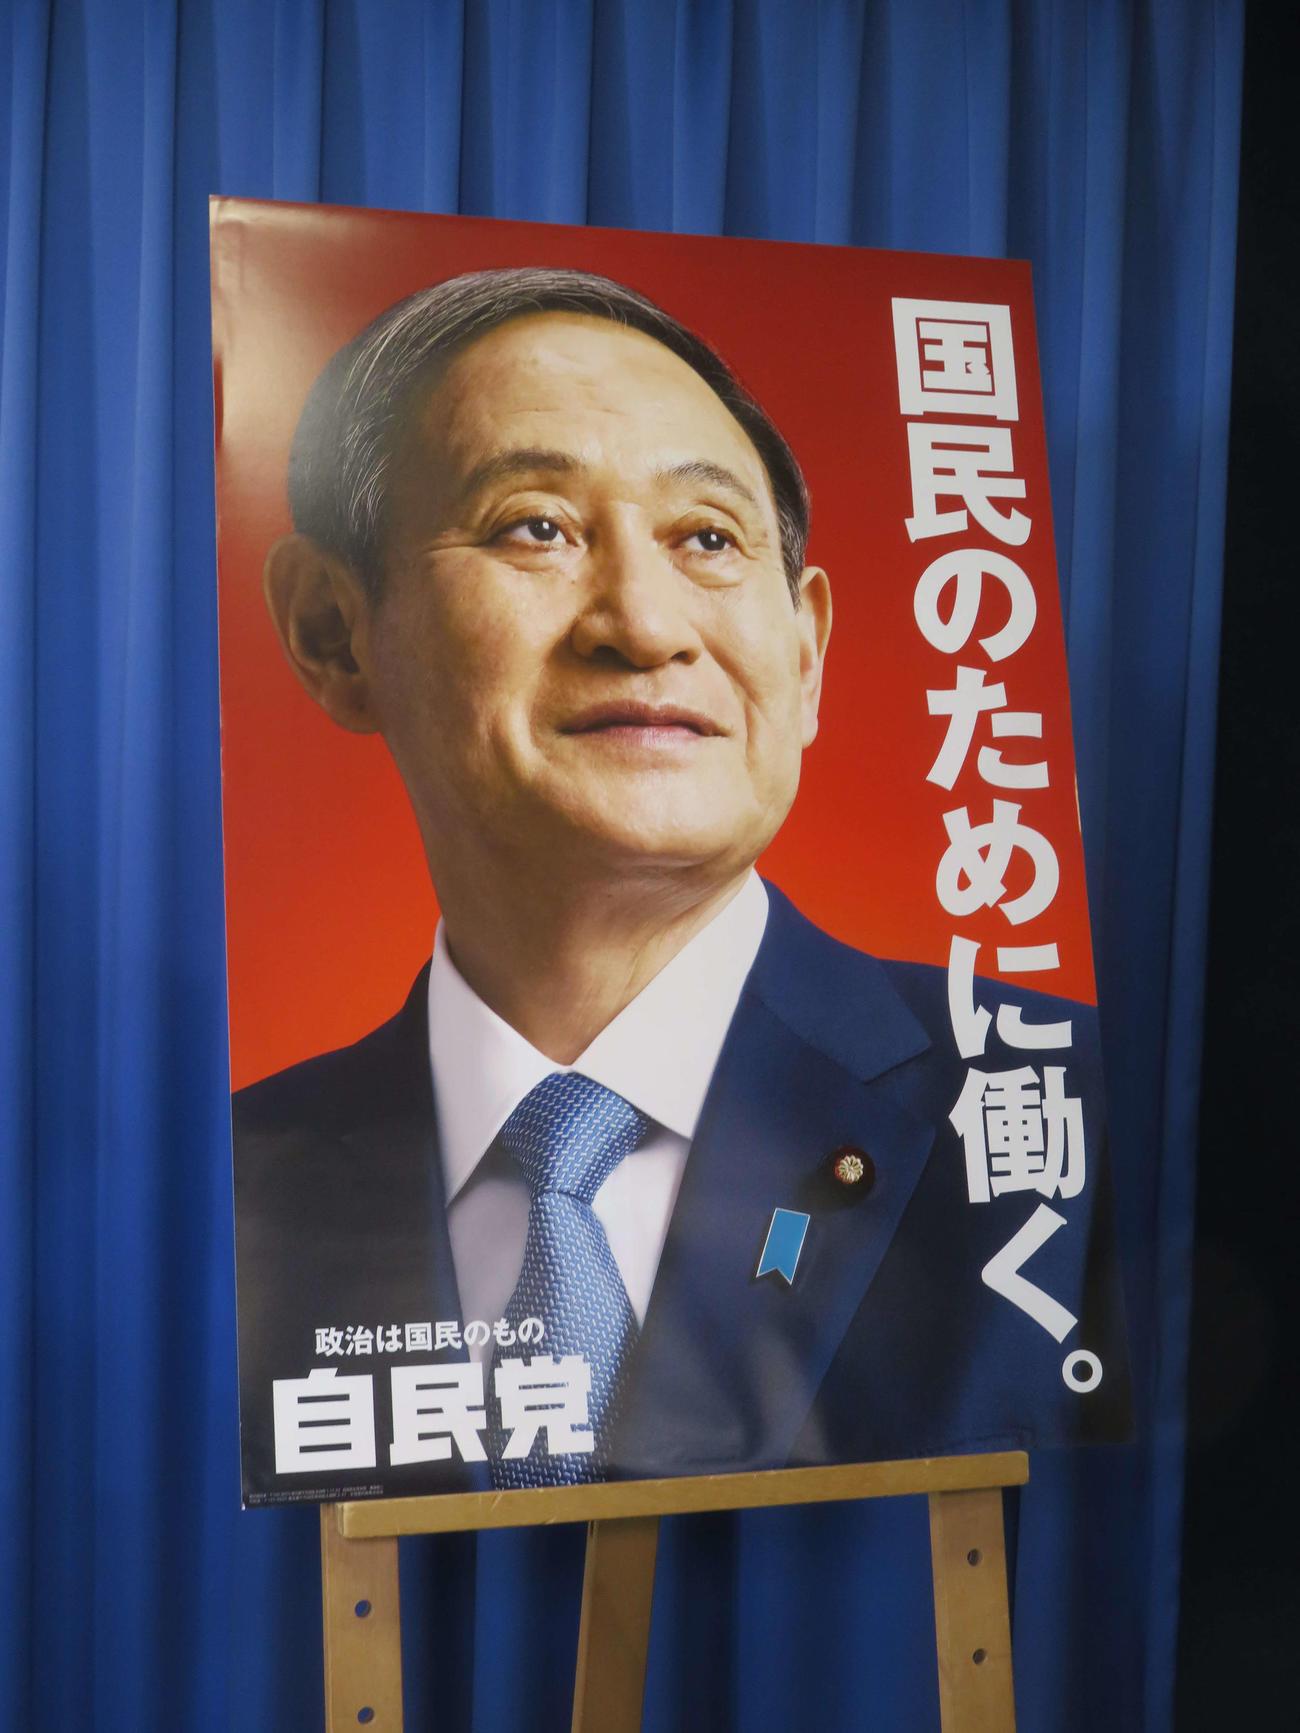 自民党が発表した菅義偉首相をモデルとした政治活動用の新ポスター(撮影・大上悟)